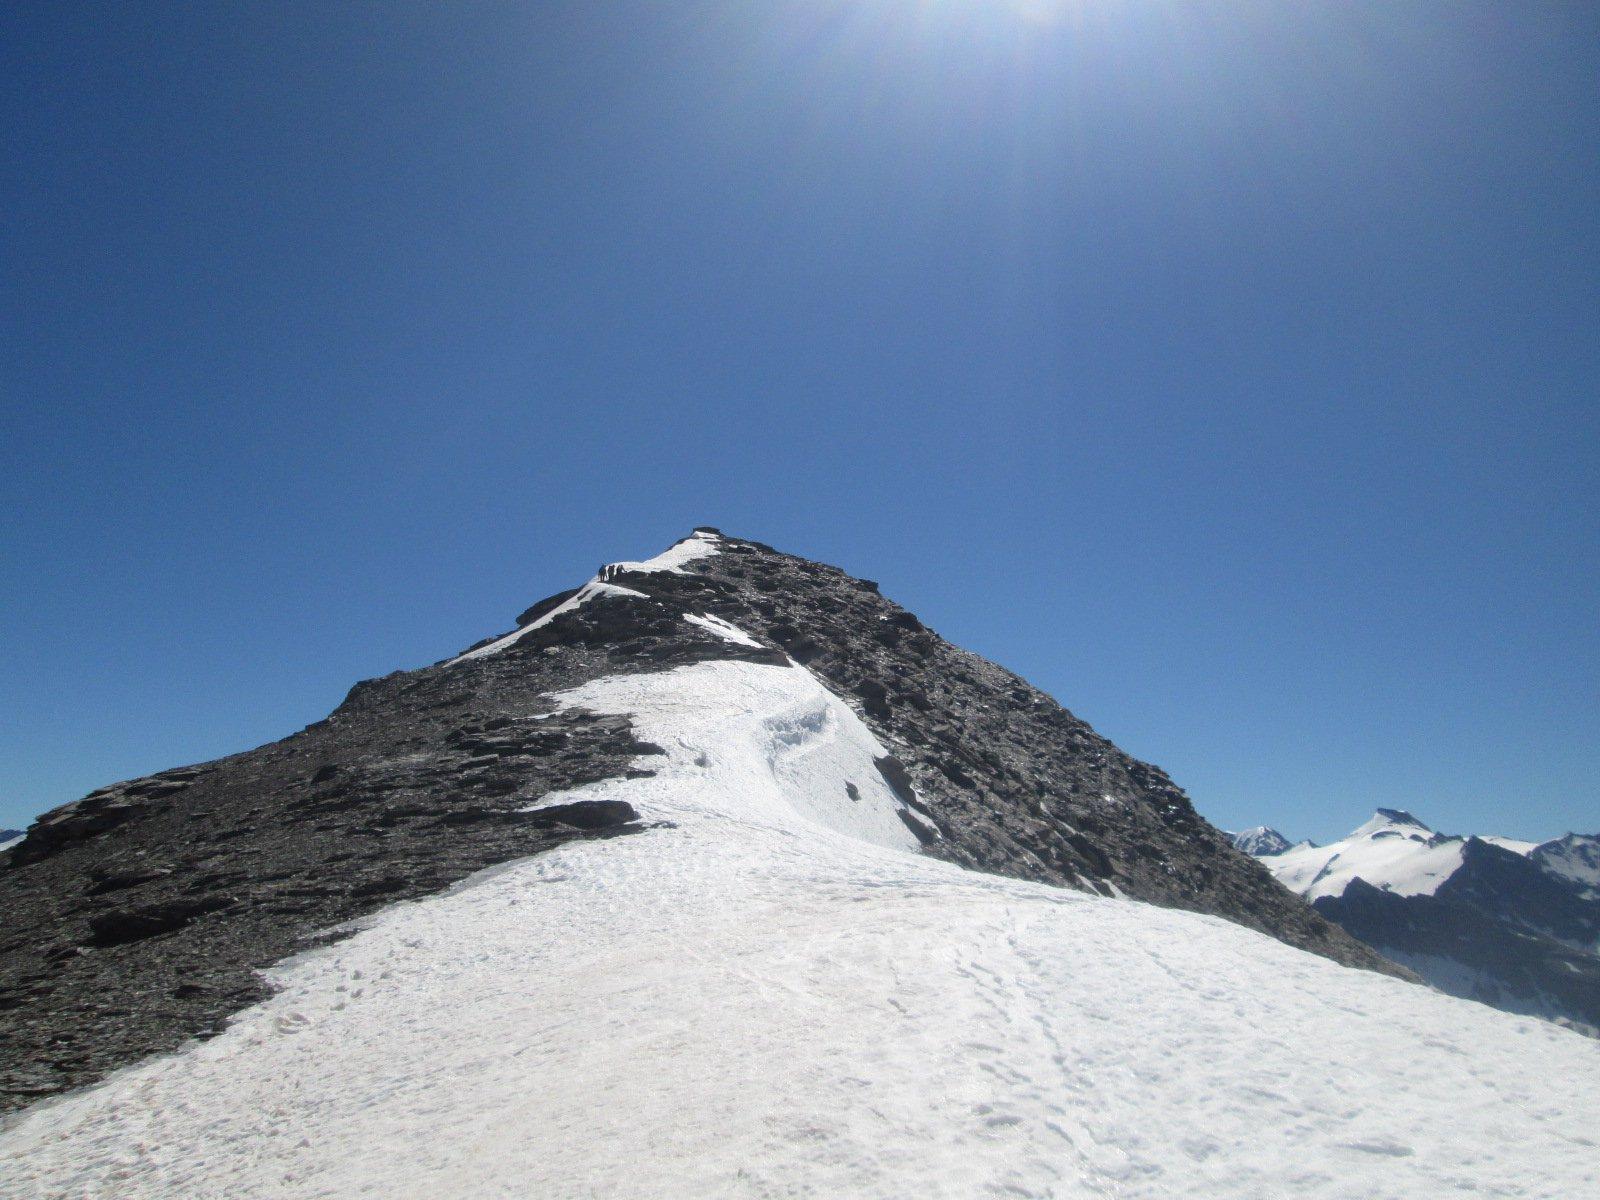 la cresta per raggiungere la cima